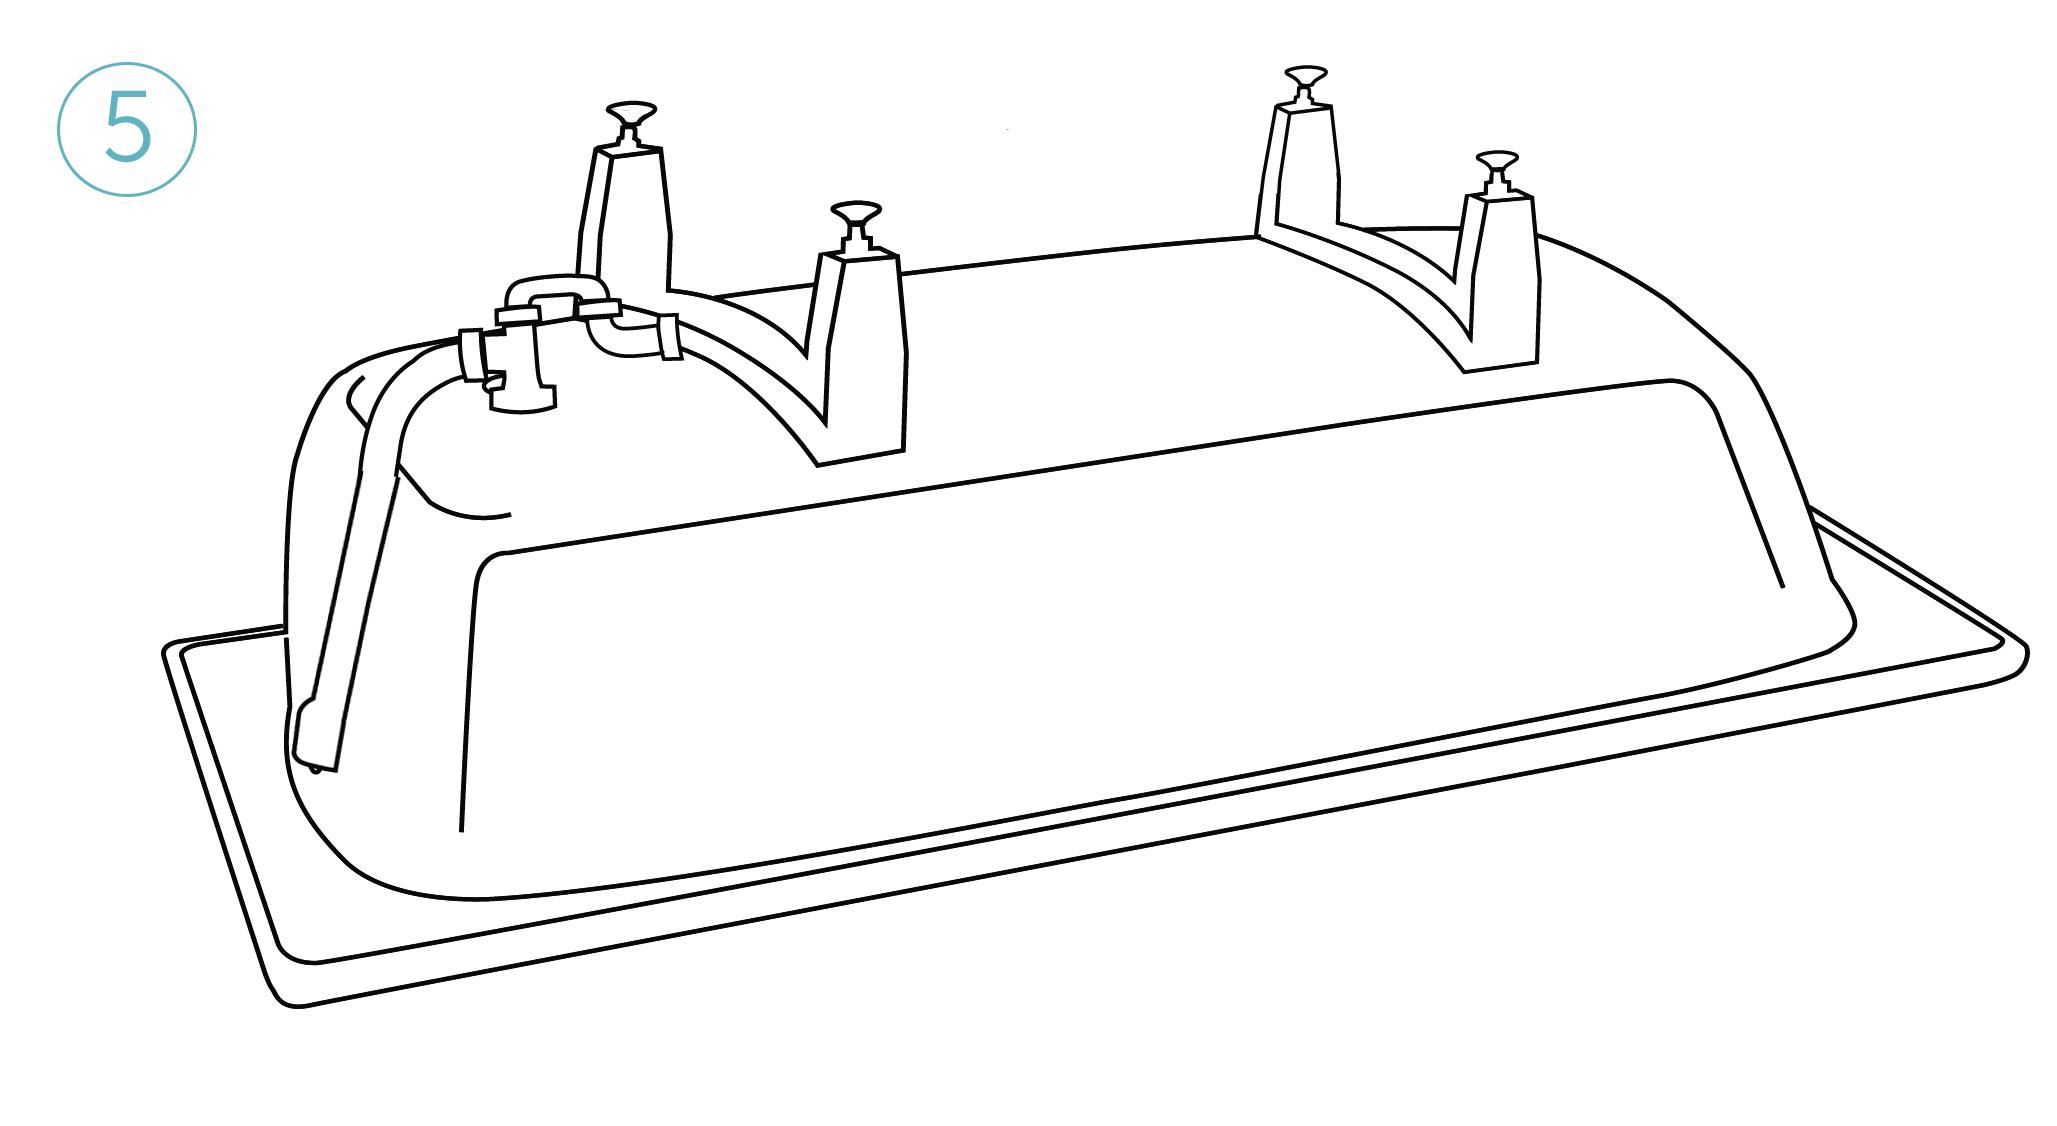 Установите сифон для слива.Проверьте герметичность соединения резиновых уплонителей. (Сифон в комплете не поставляется)